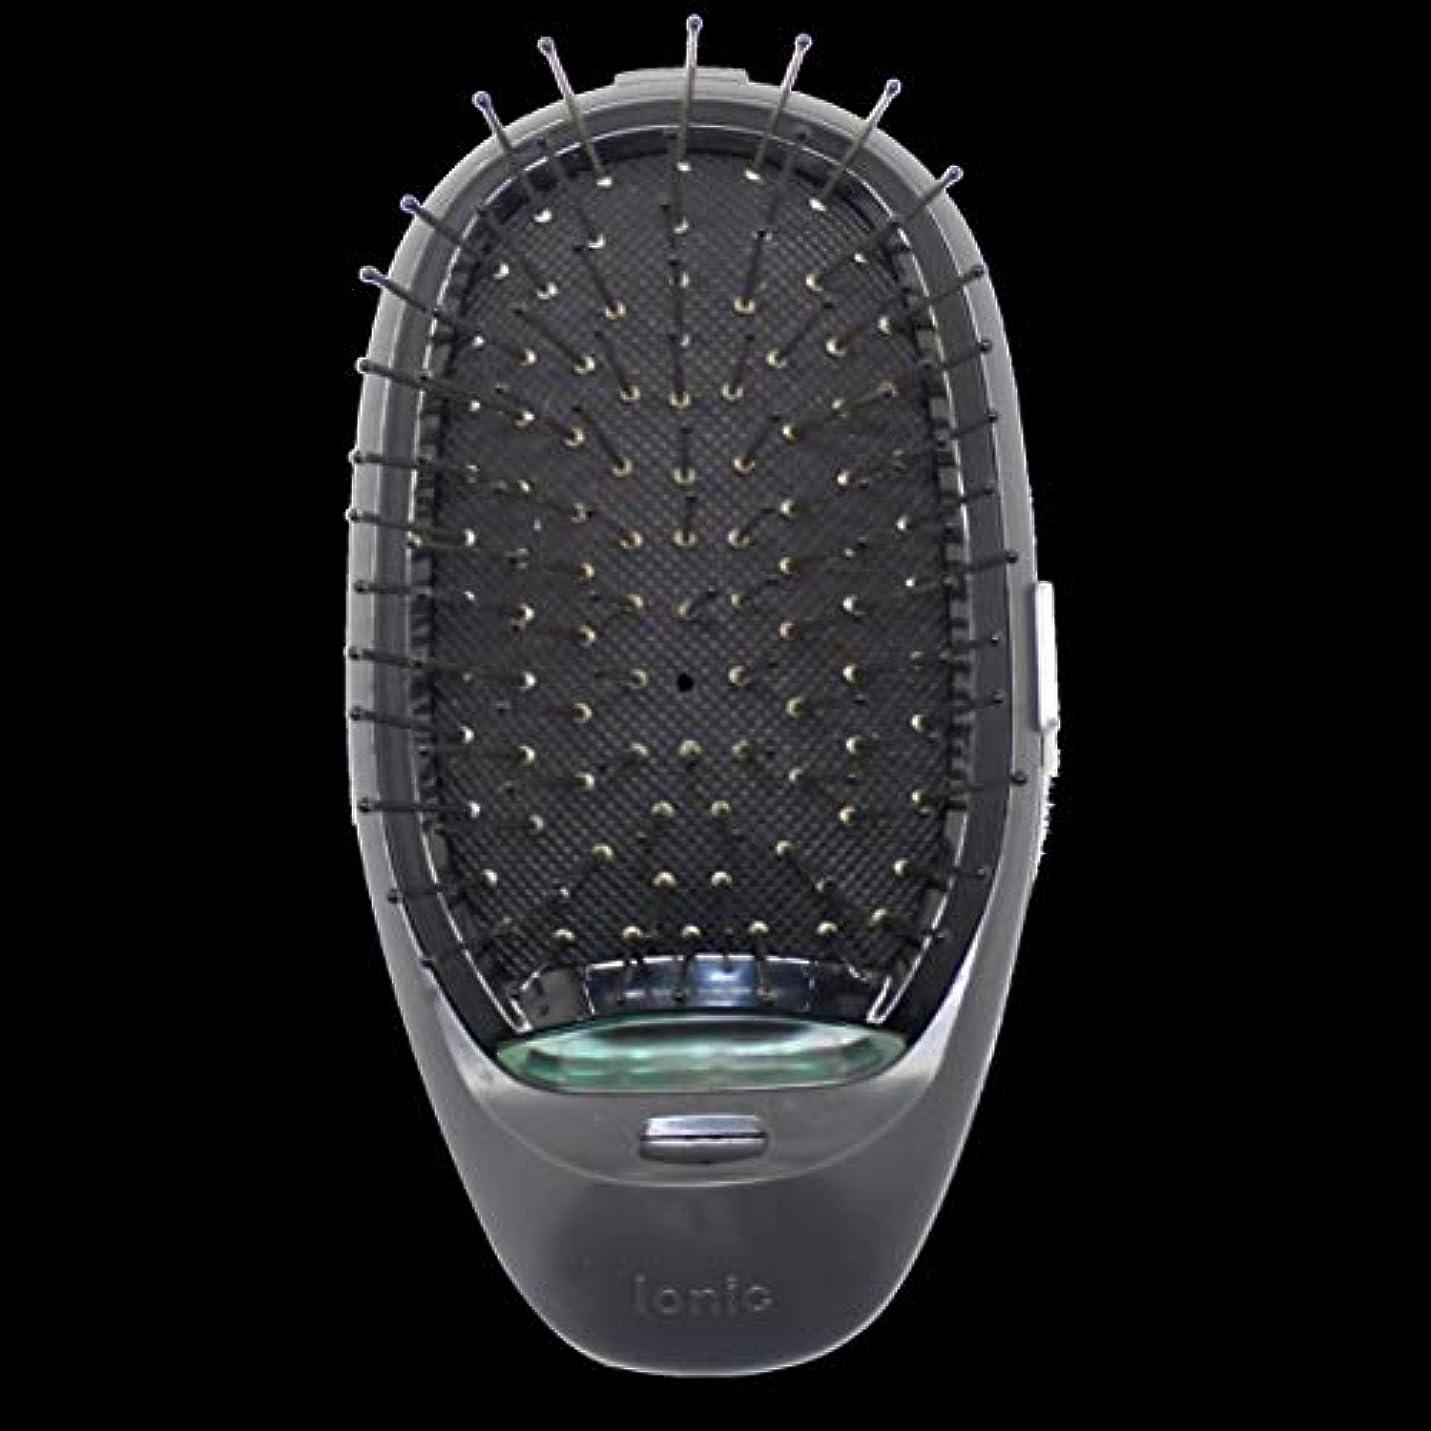 深くエレベーター振動する電動マッサージヘアブラシミニマイナスイオンヘアコム3Dインフレータブルコーム帯電防止ガールズヘアブラシ電池式 - ブラック